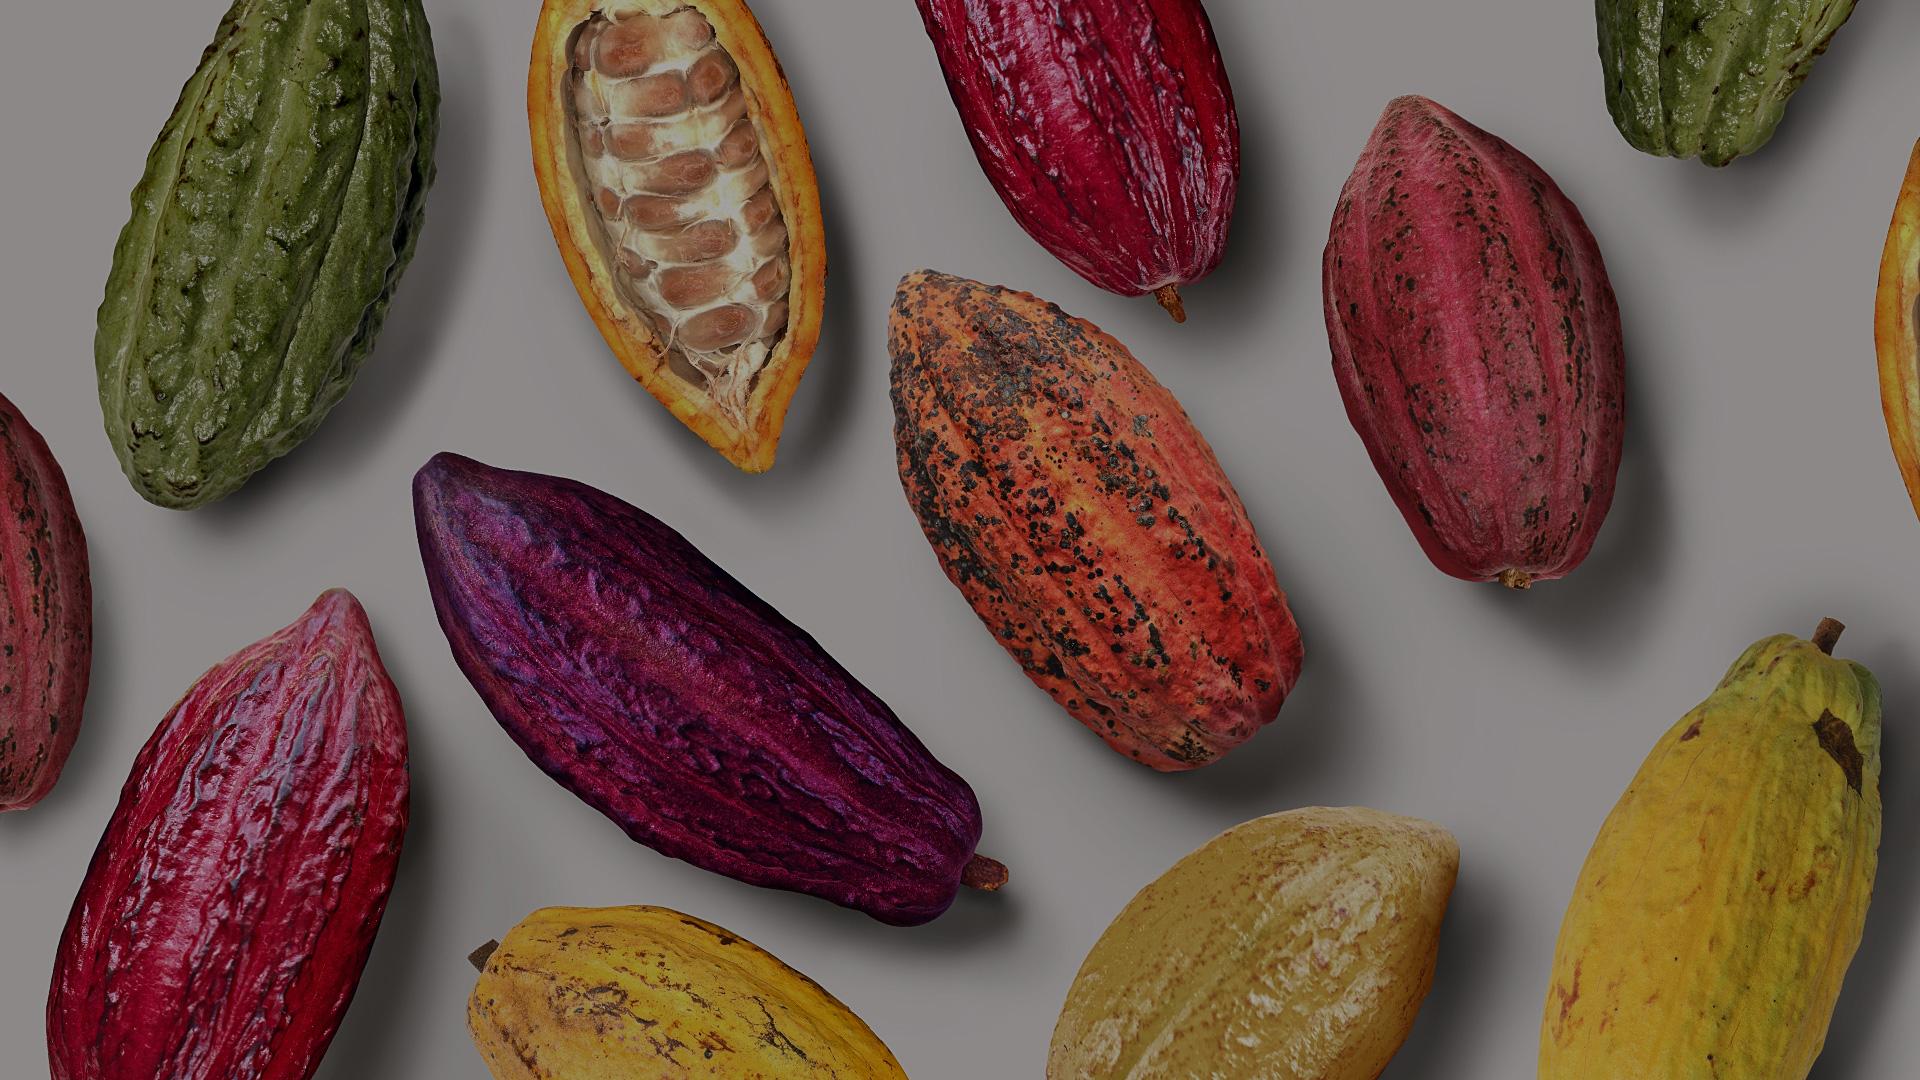 Какао-бобы —основа айдентики и вдохновение для разработки фирменного стиля Chocopaz